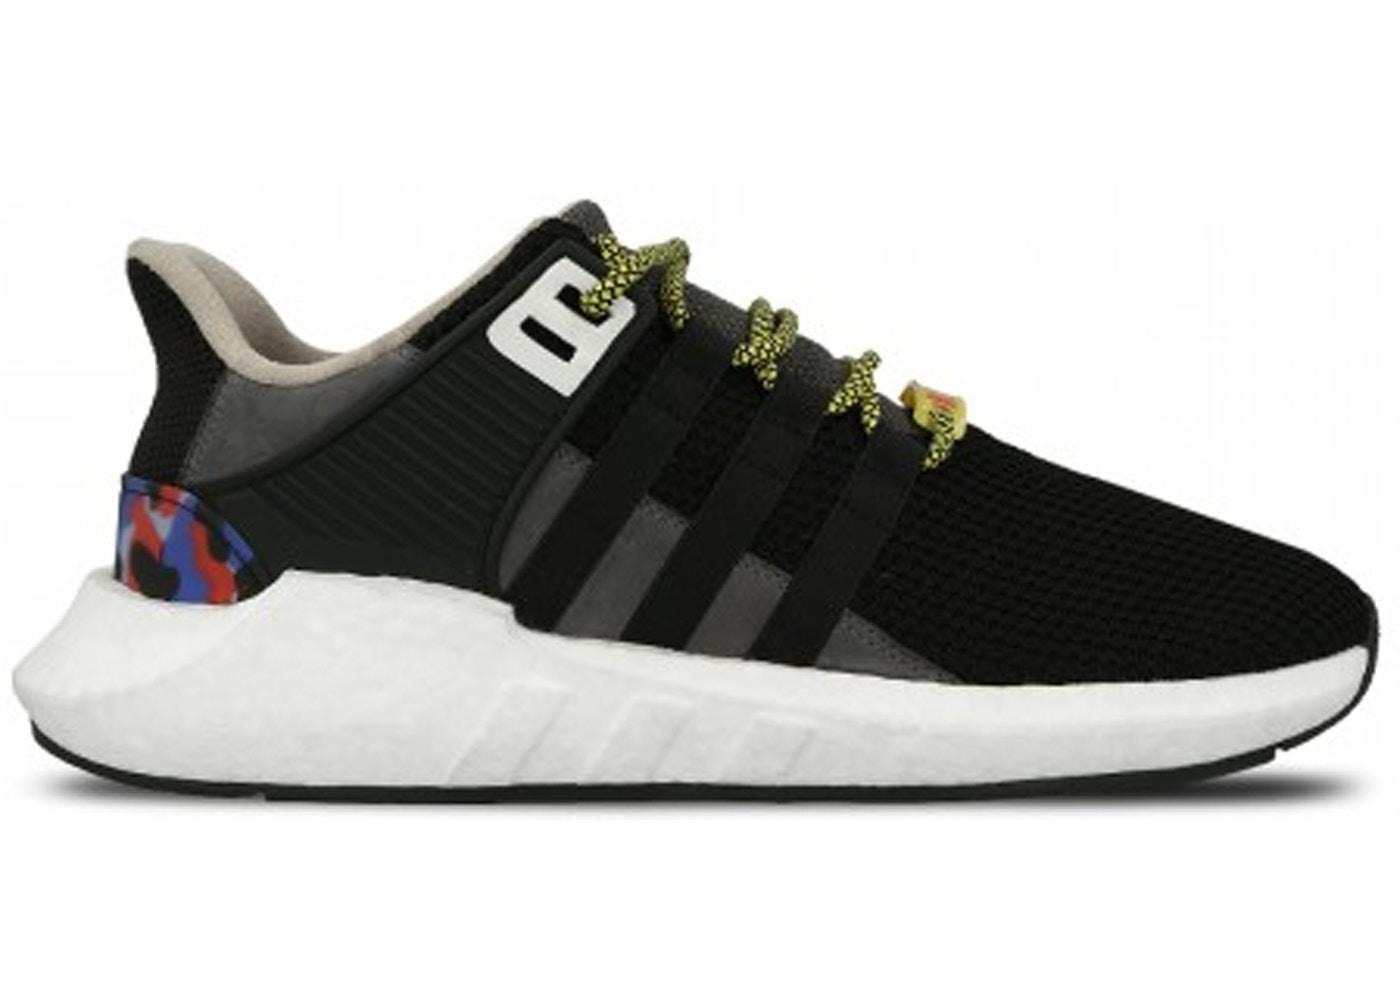 メンズ靴, スニーカー  ADIDAS EQT SUPPORT 93 17 BERLIN BVG CORE BLACK MULTICOLOR RUNNING WHITE